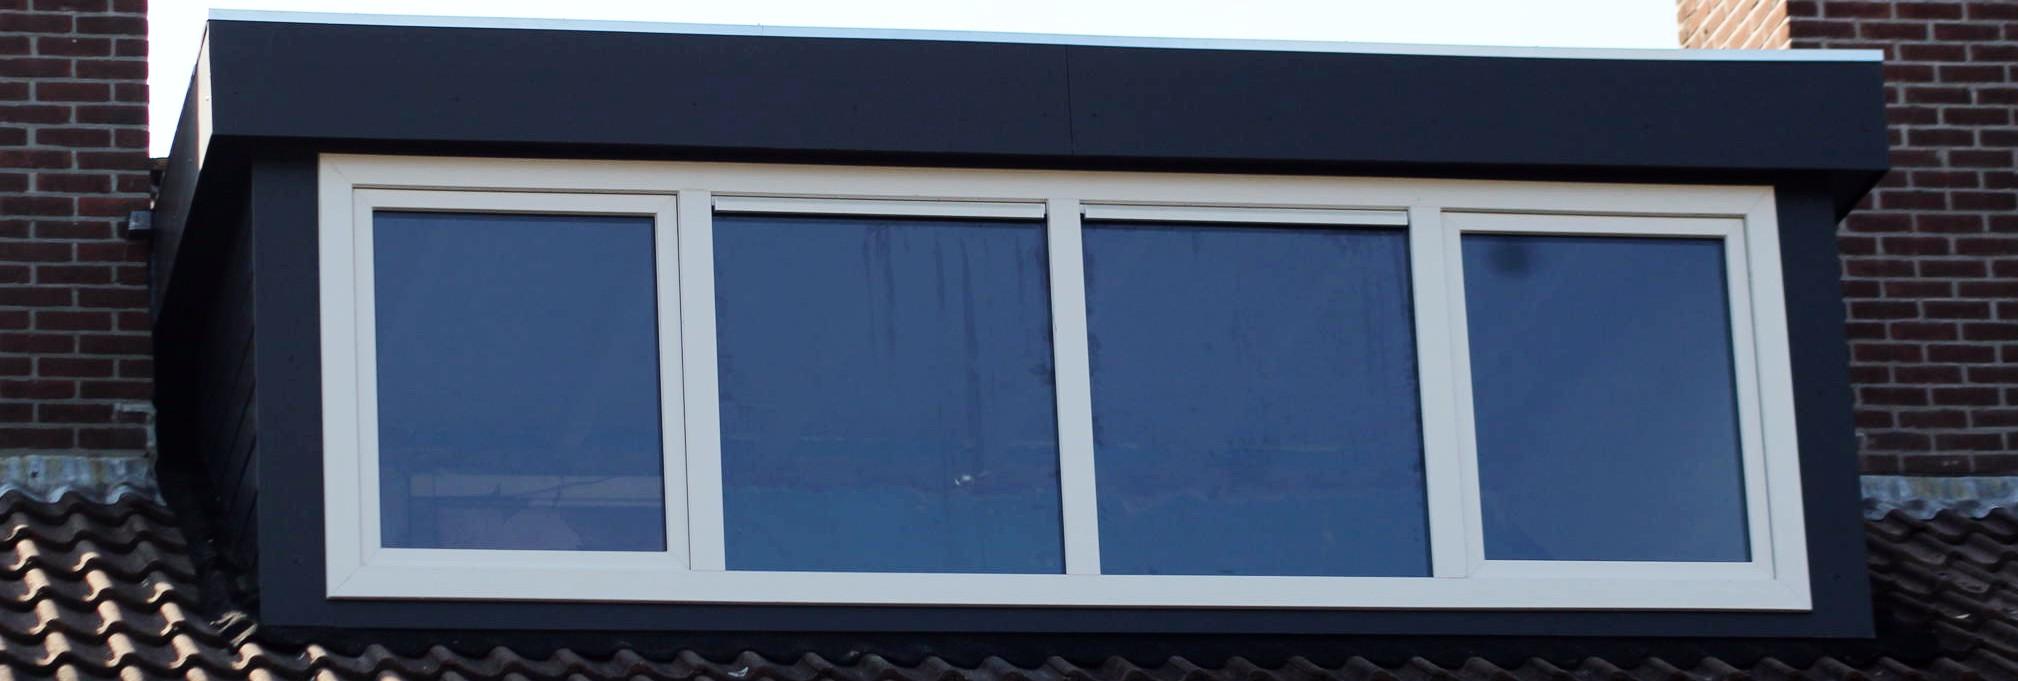 de kosten van een dakkapel 4 meter breed